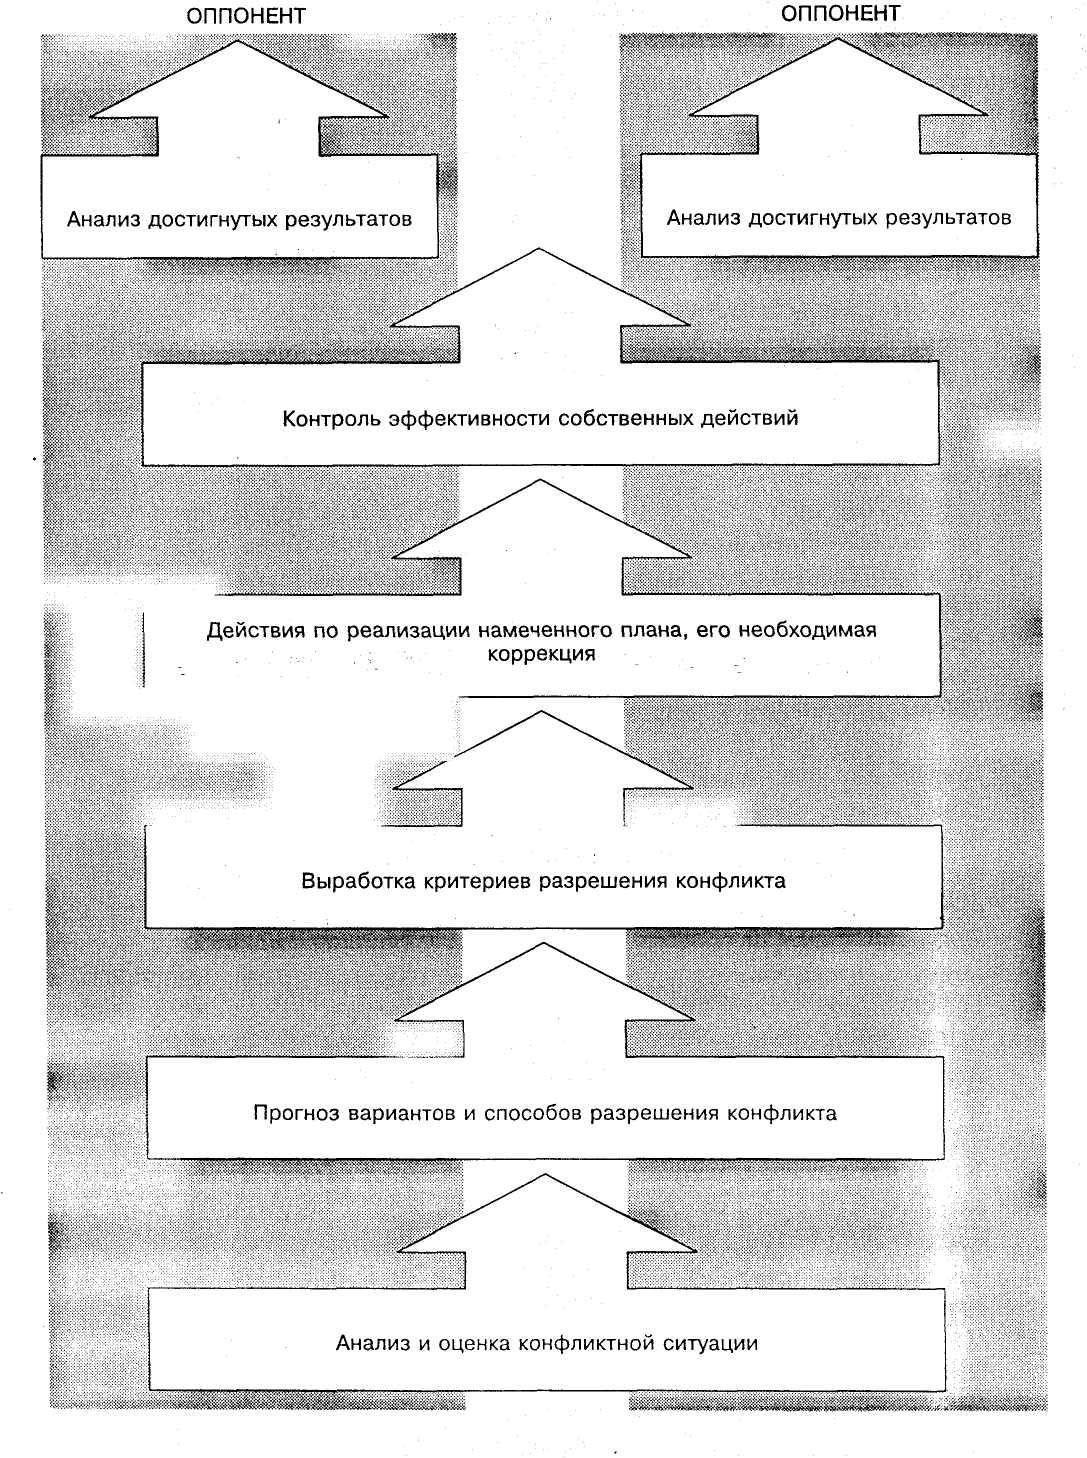 Урок 2. причины возникновения конфликтов и этапы их развития